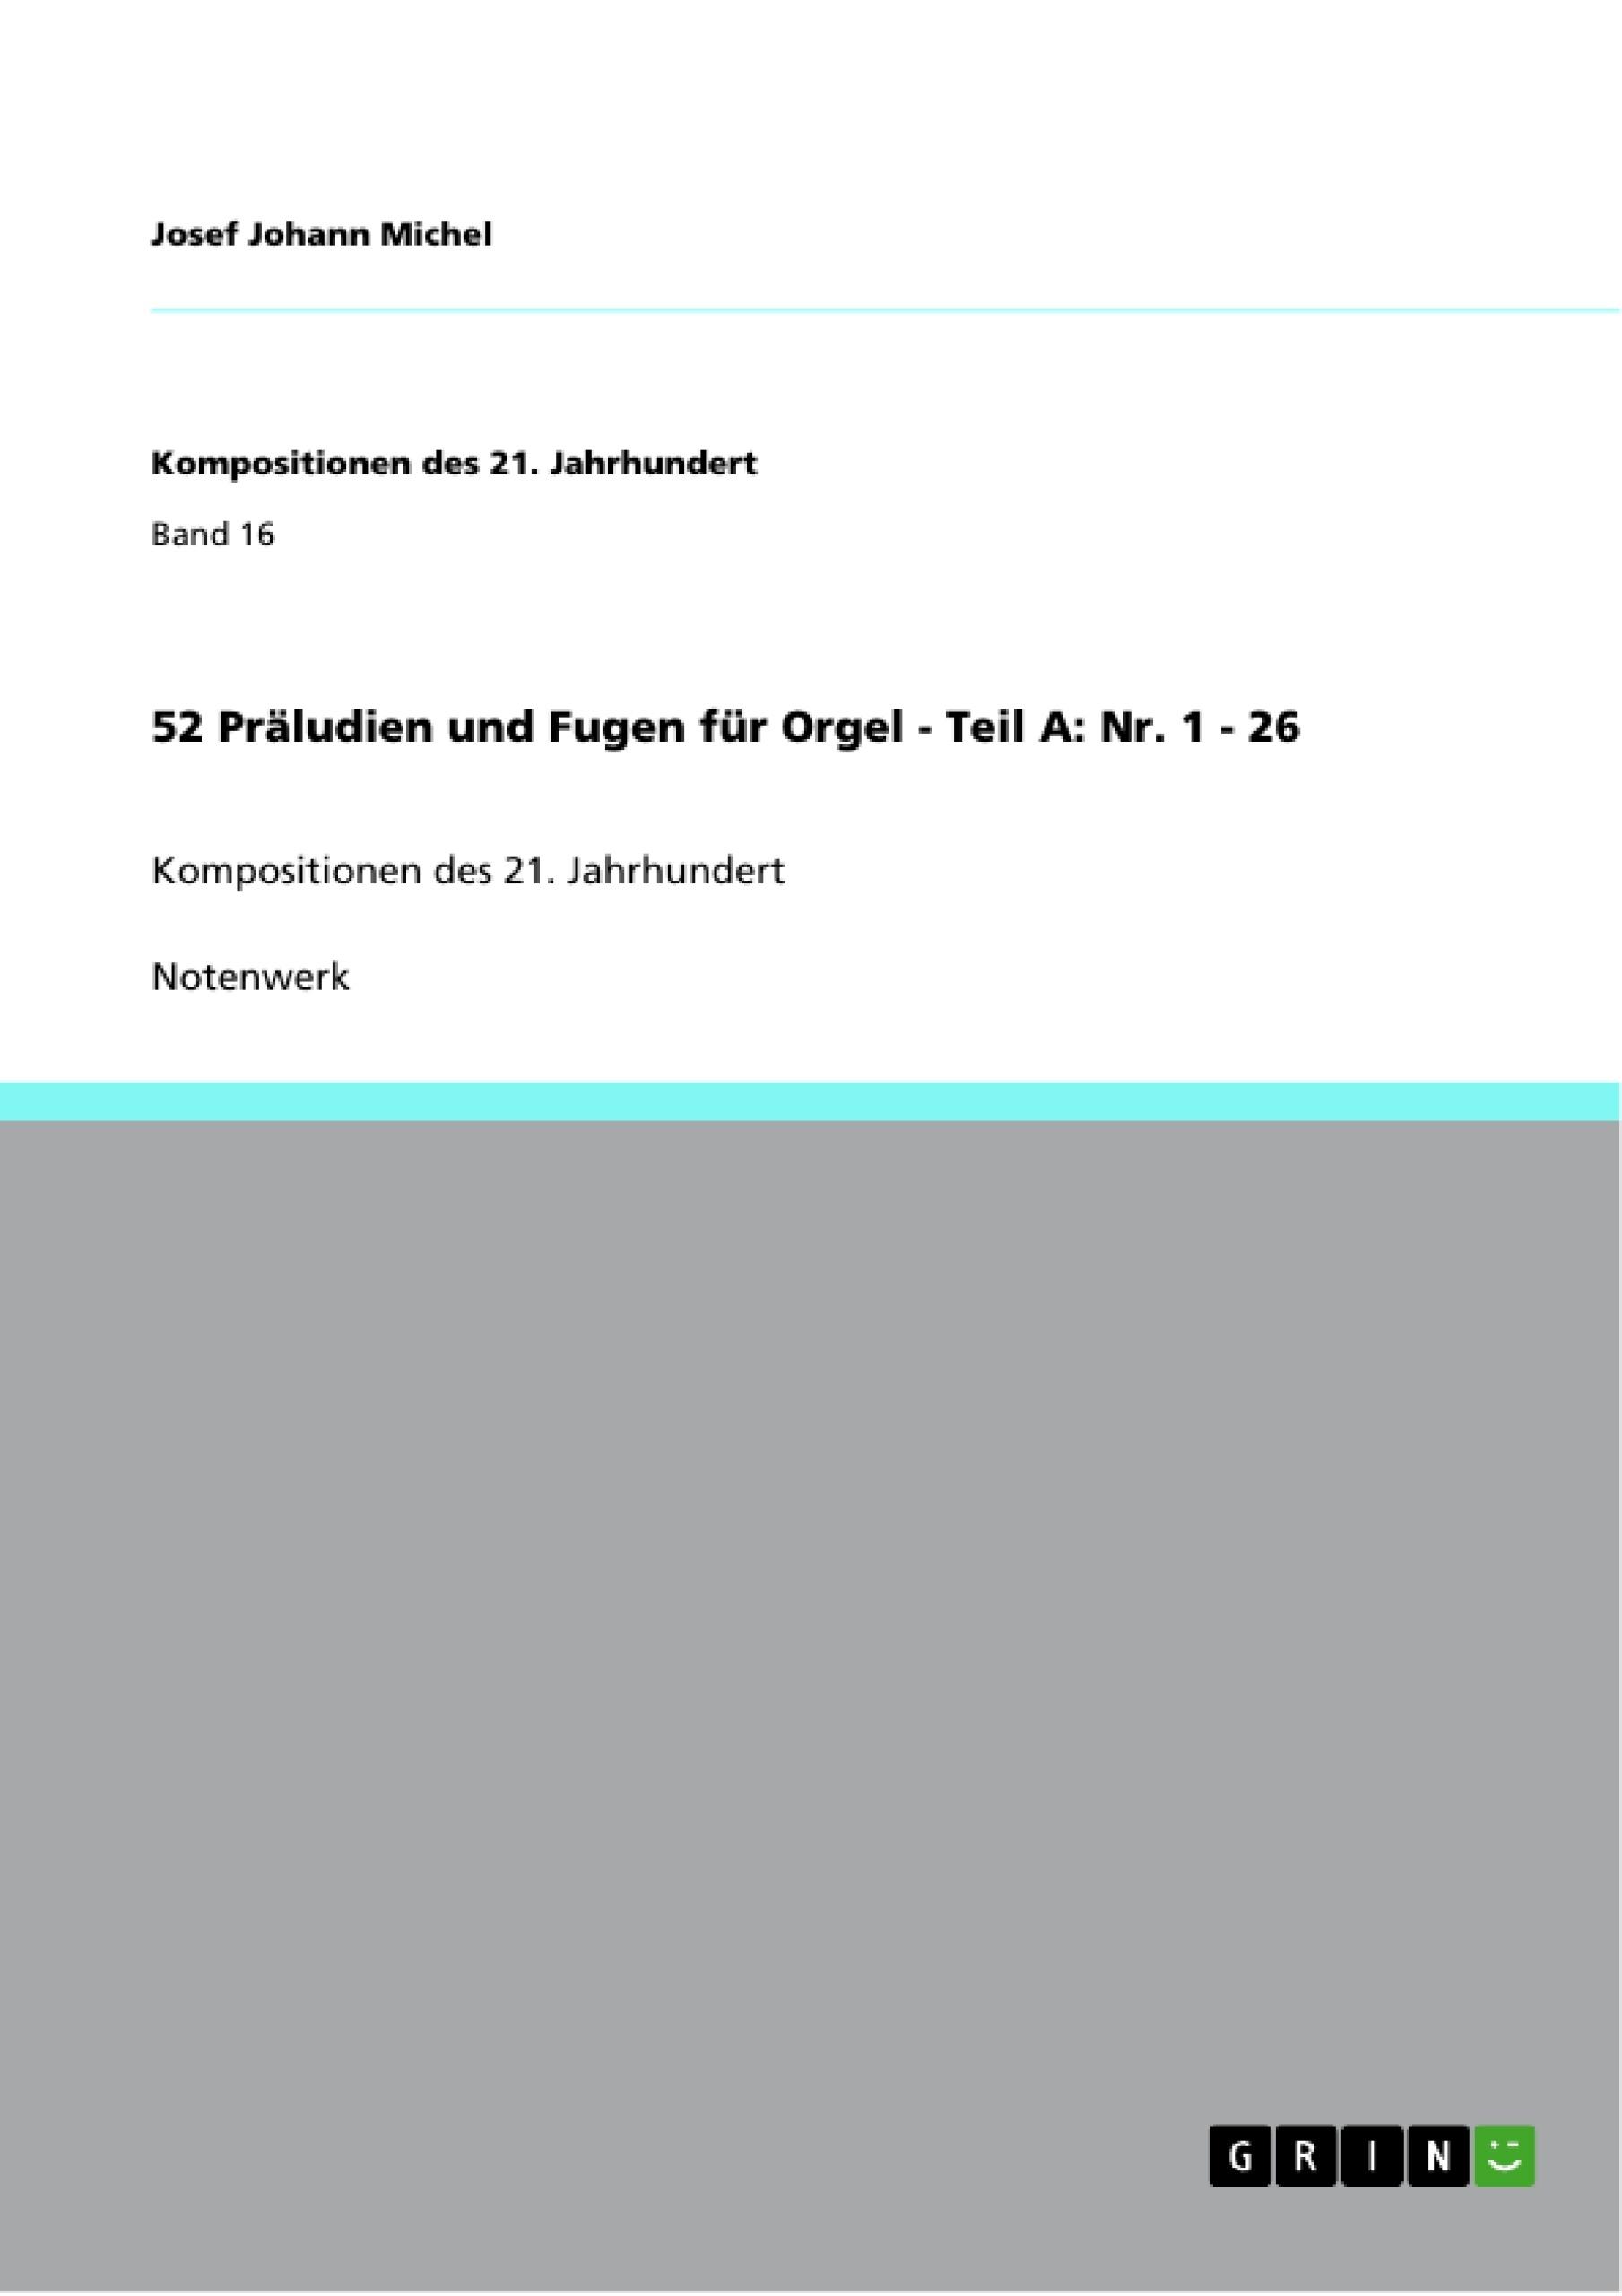 Titel: 52 Präludien und Fugen für Orgel - Teil A: Nr. 1 - 26